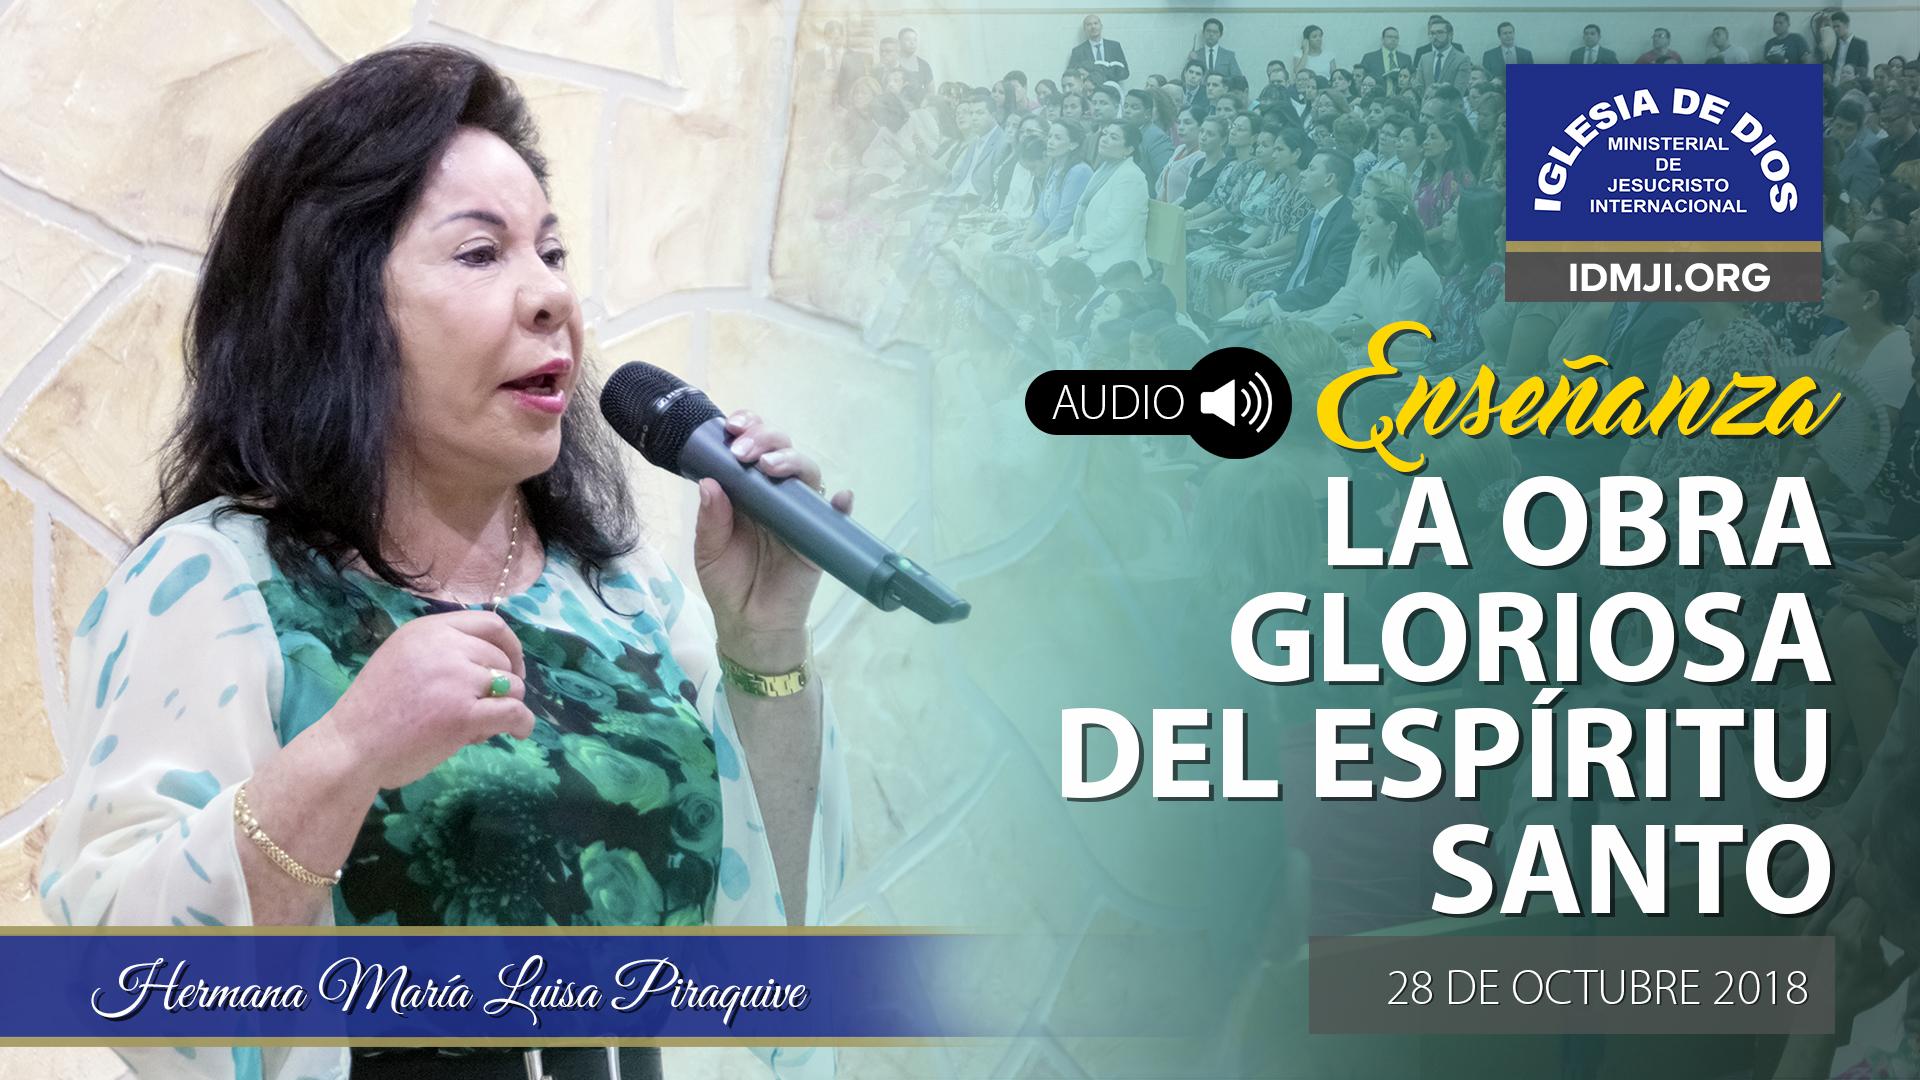 (Audio) Enseñanza: La obra gloriosa del Espíritu Santo